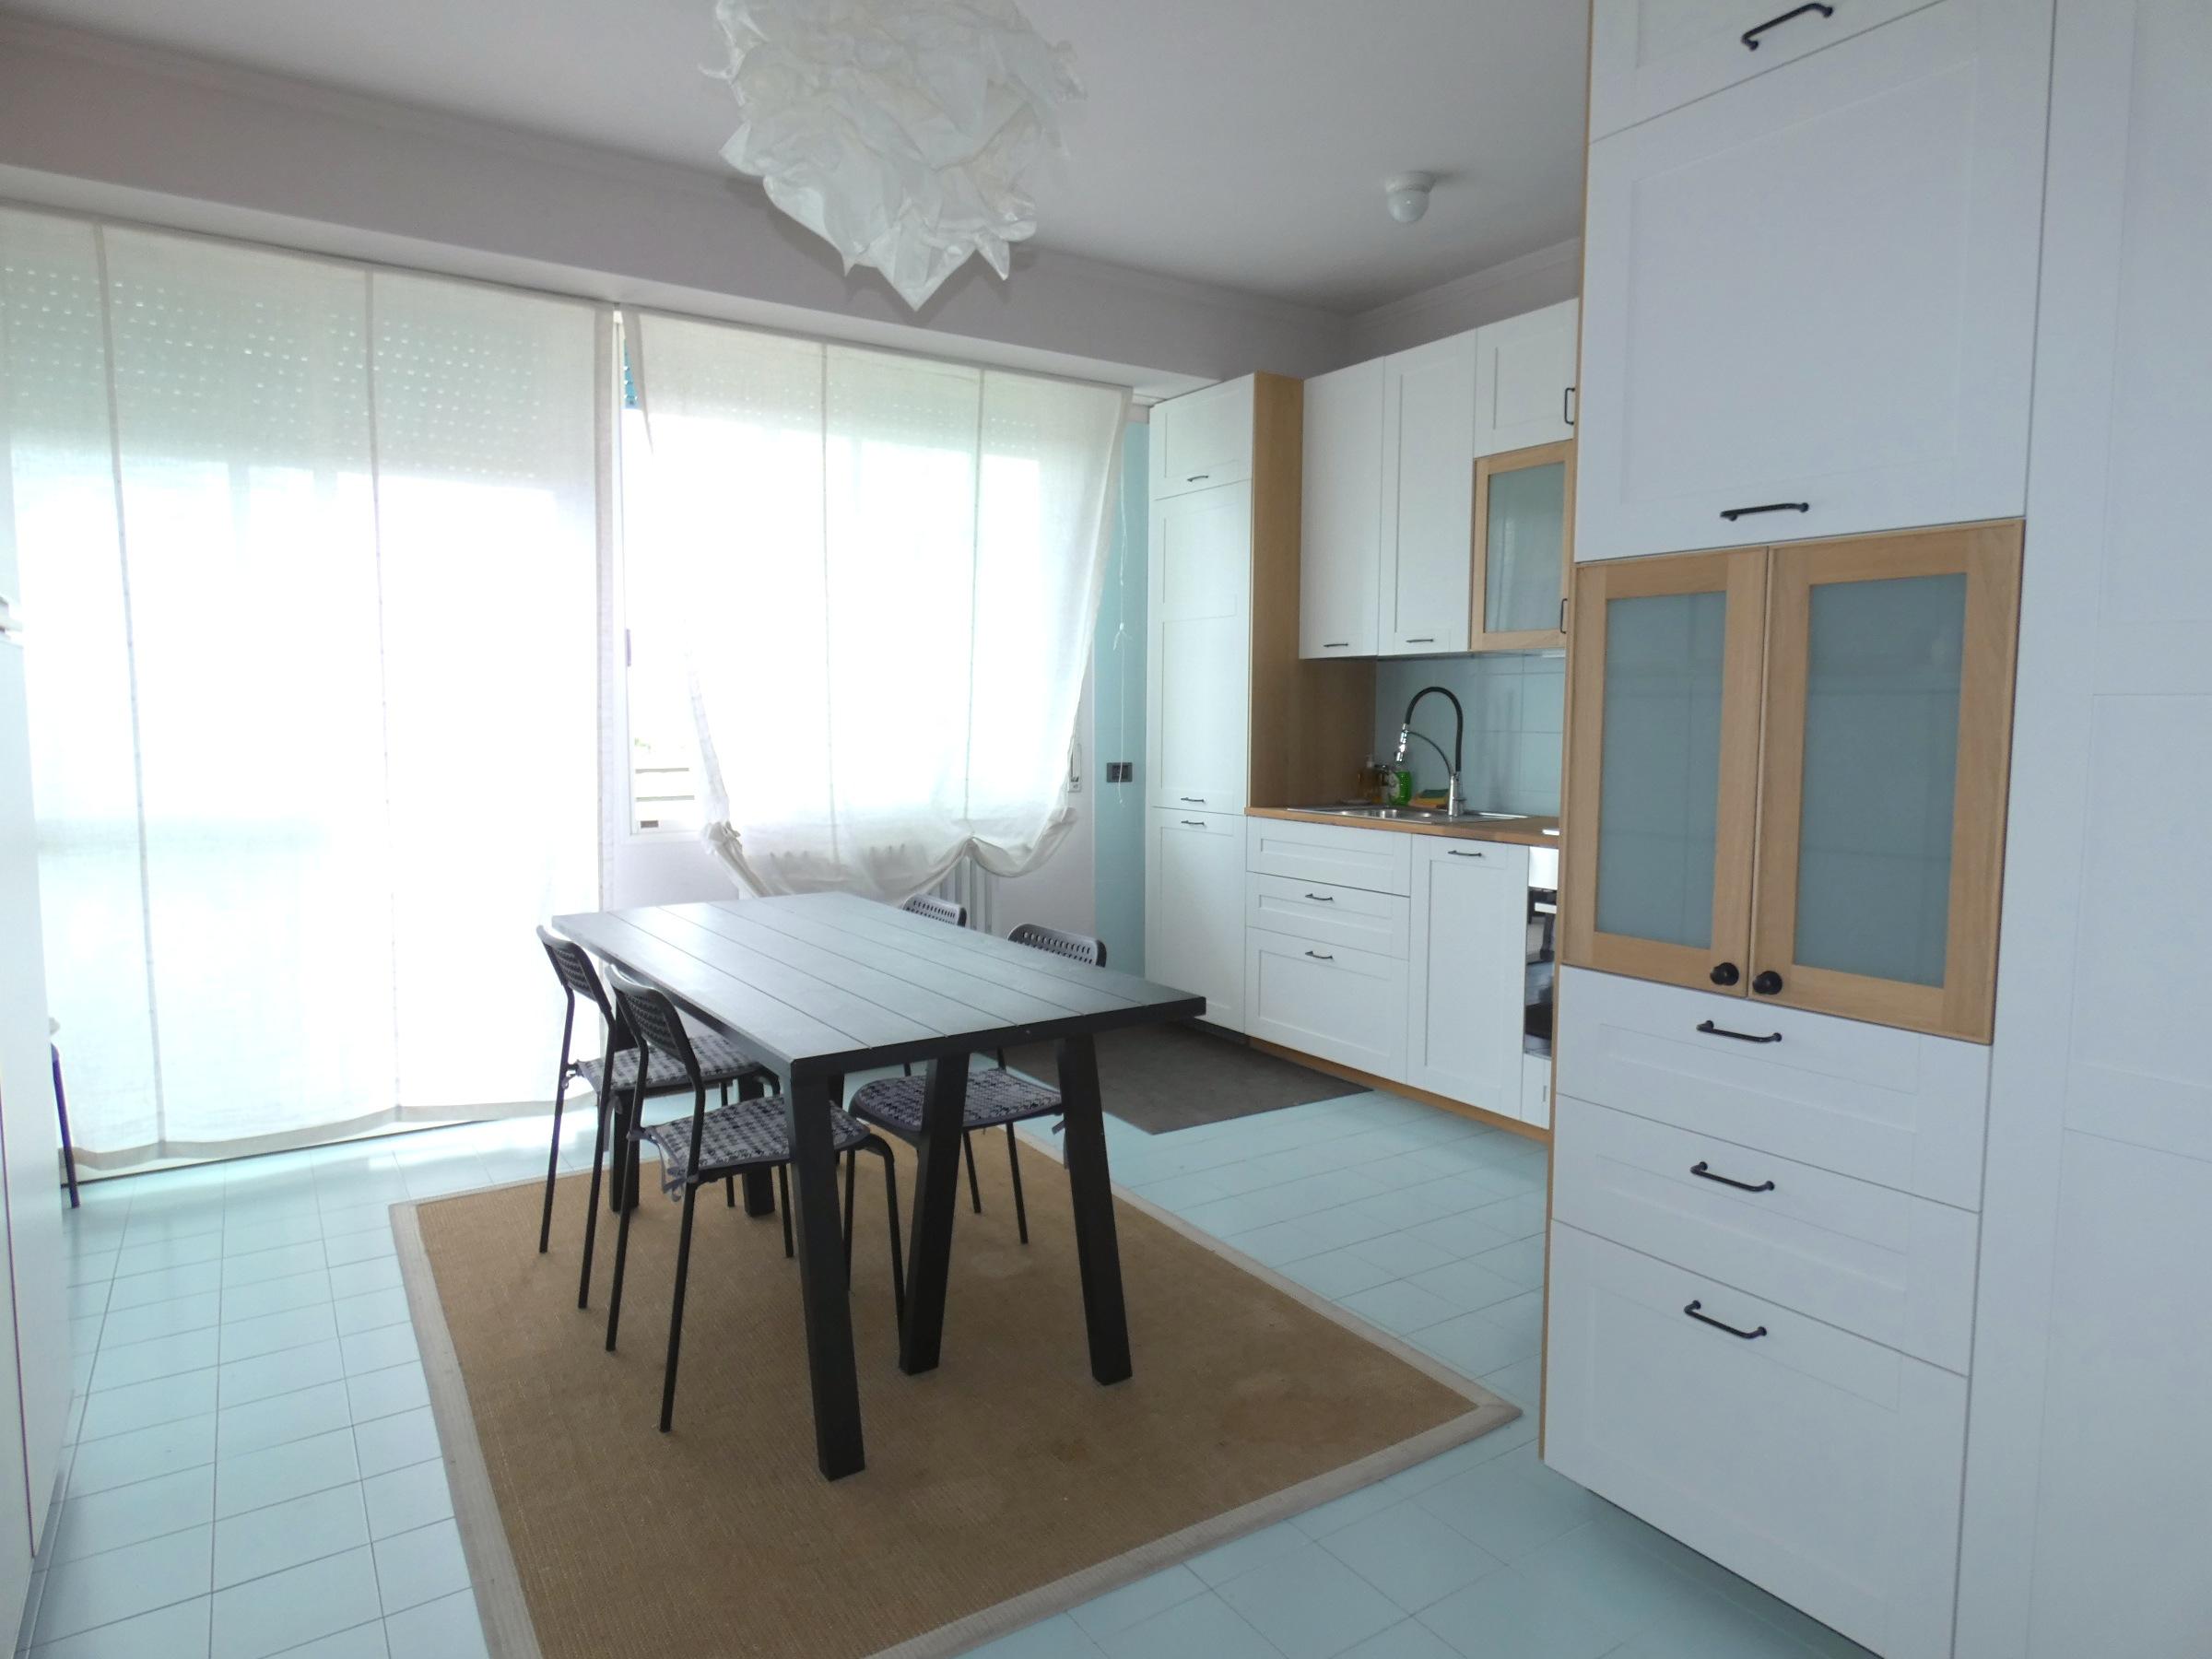 Riccione abissinia appartamento al piano settimo vista - Bagno 90 riccione ...